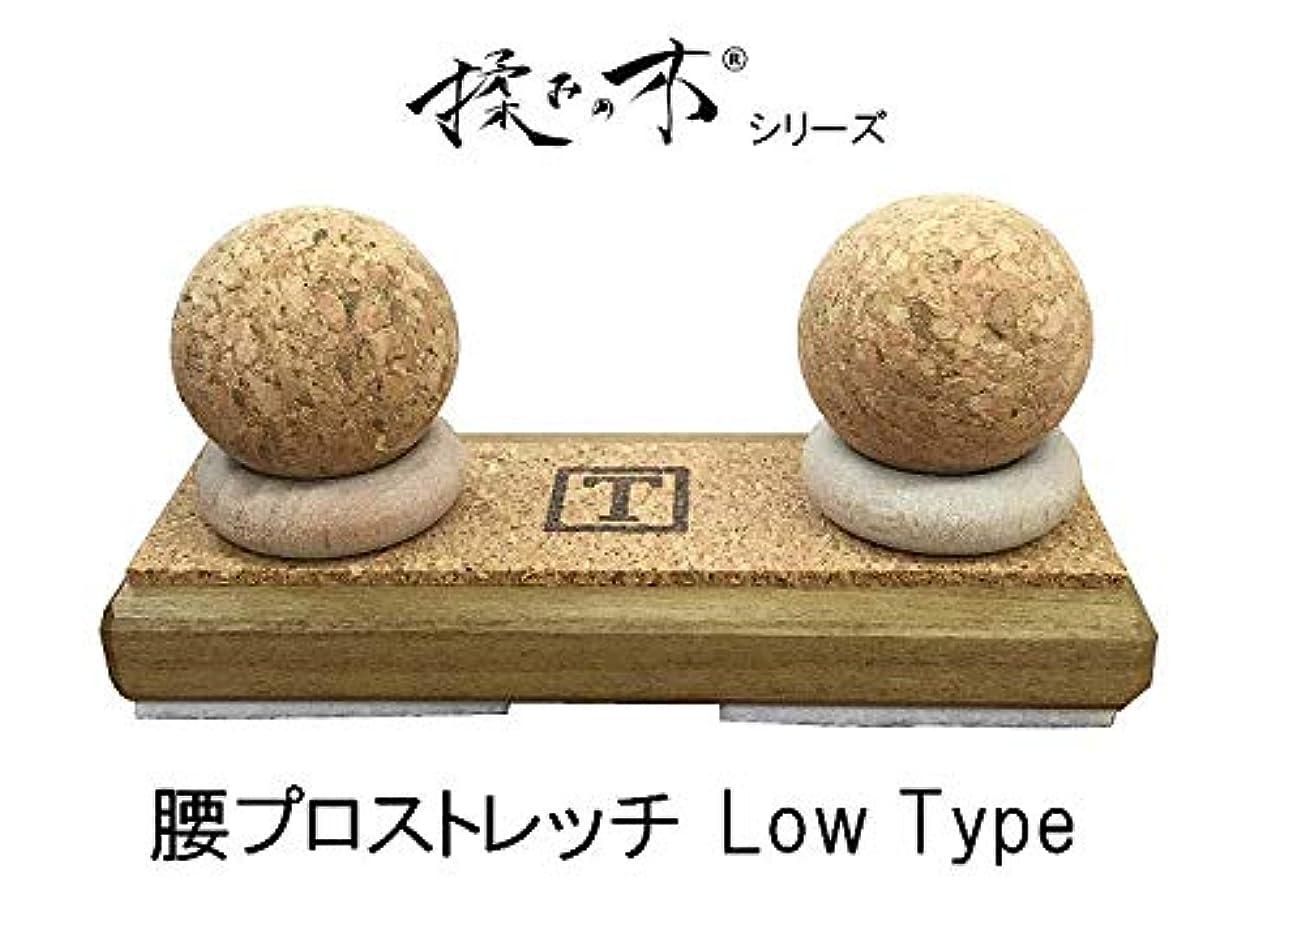 ちなみにテクスチャー『揉みの木シリーズ 腰プロストレッチ Low Type』つぼ押しマッサージ器 背中下部 腰 セルフメンテナンスを強力にサポート